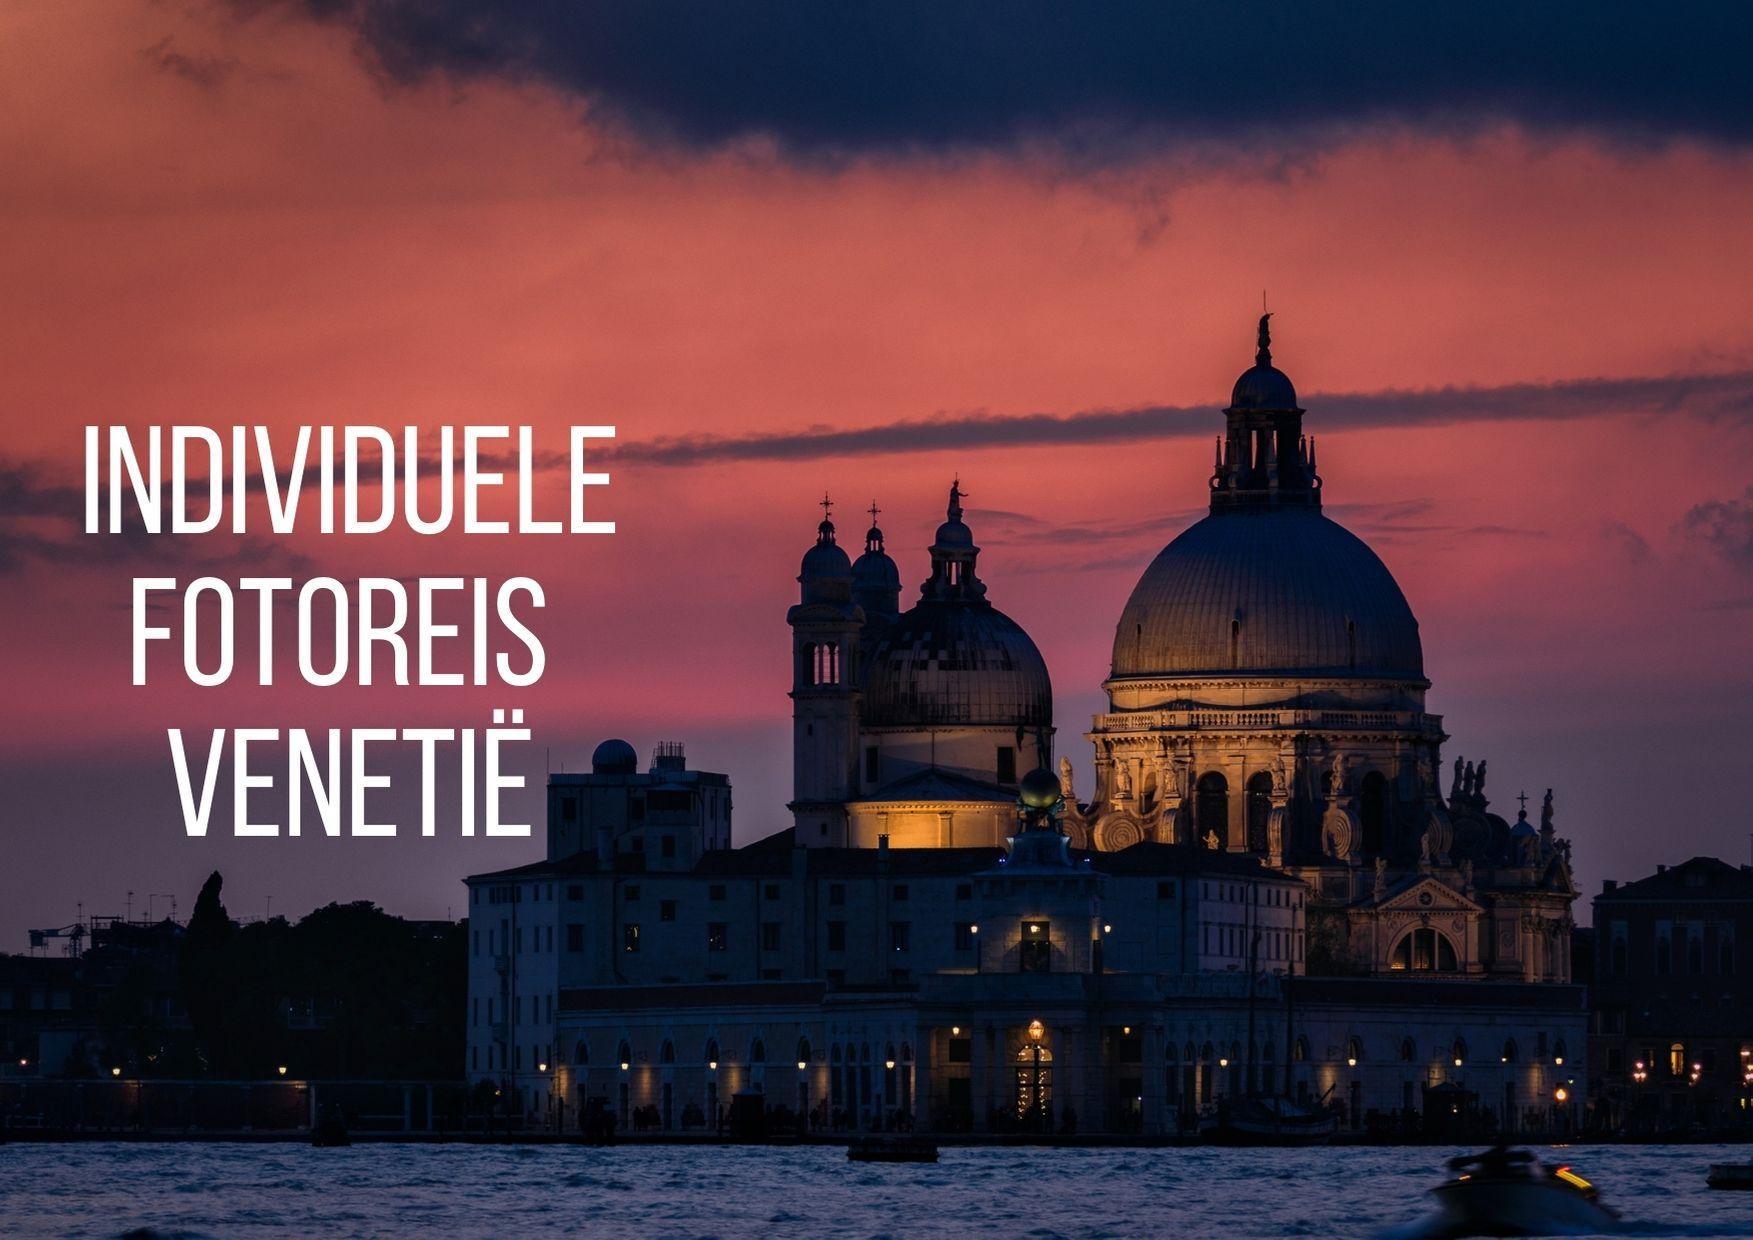 Individuele fotoreis Venetië